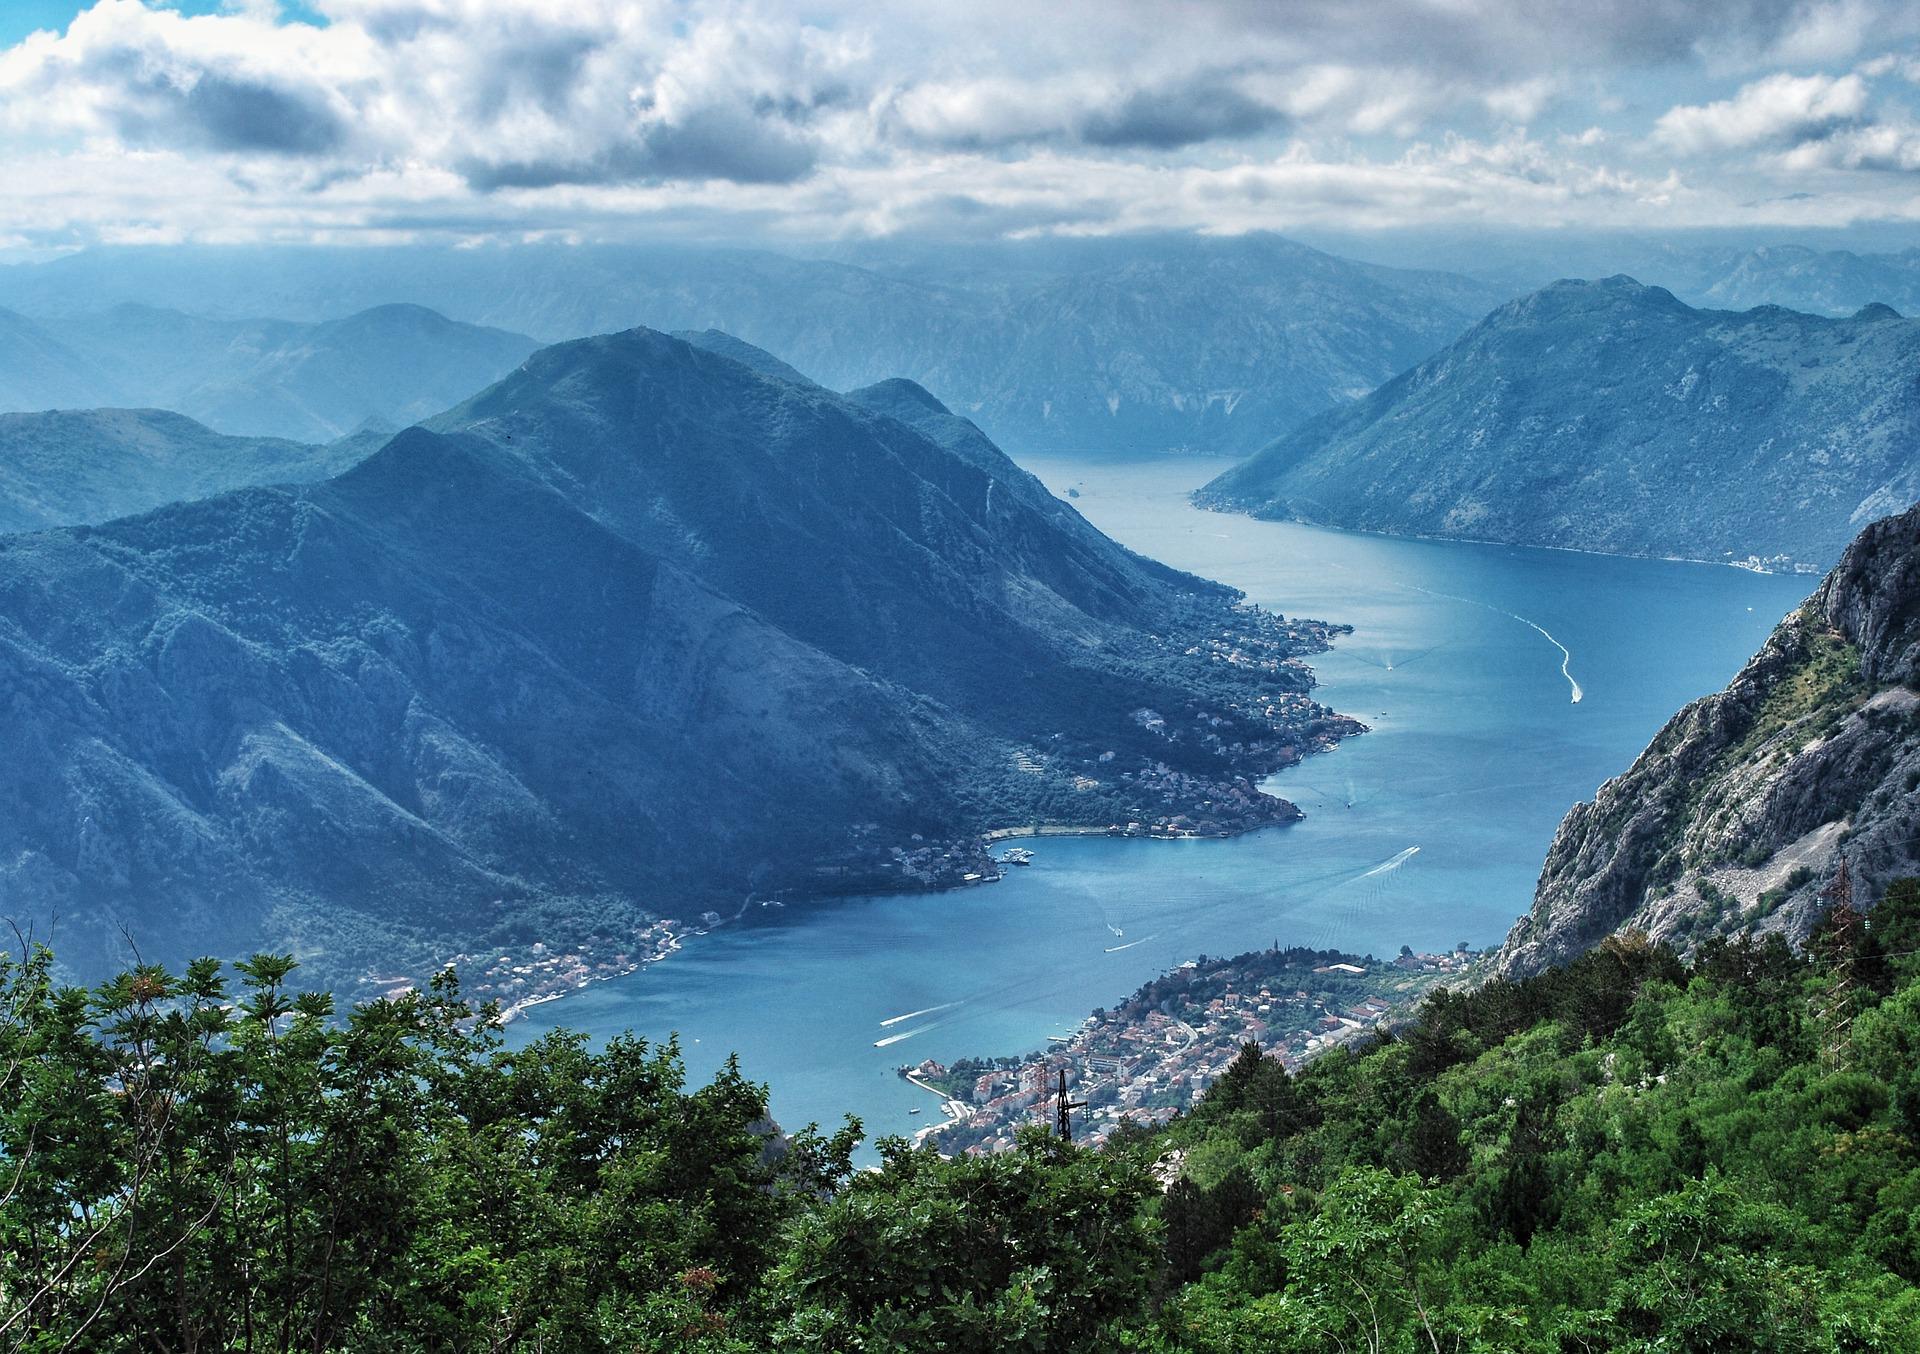 montenegro nature-3232601_1920.jpg